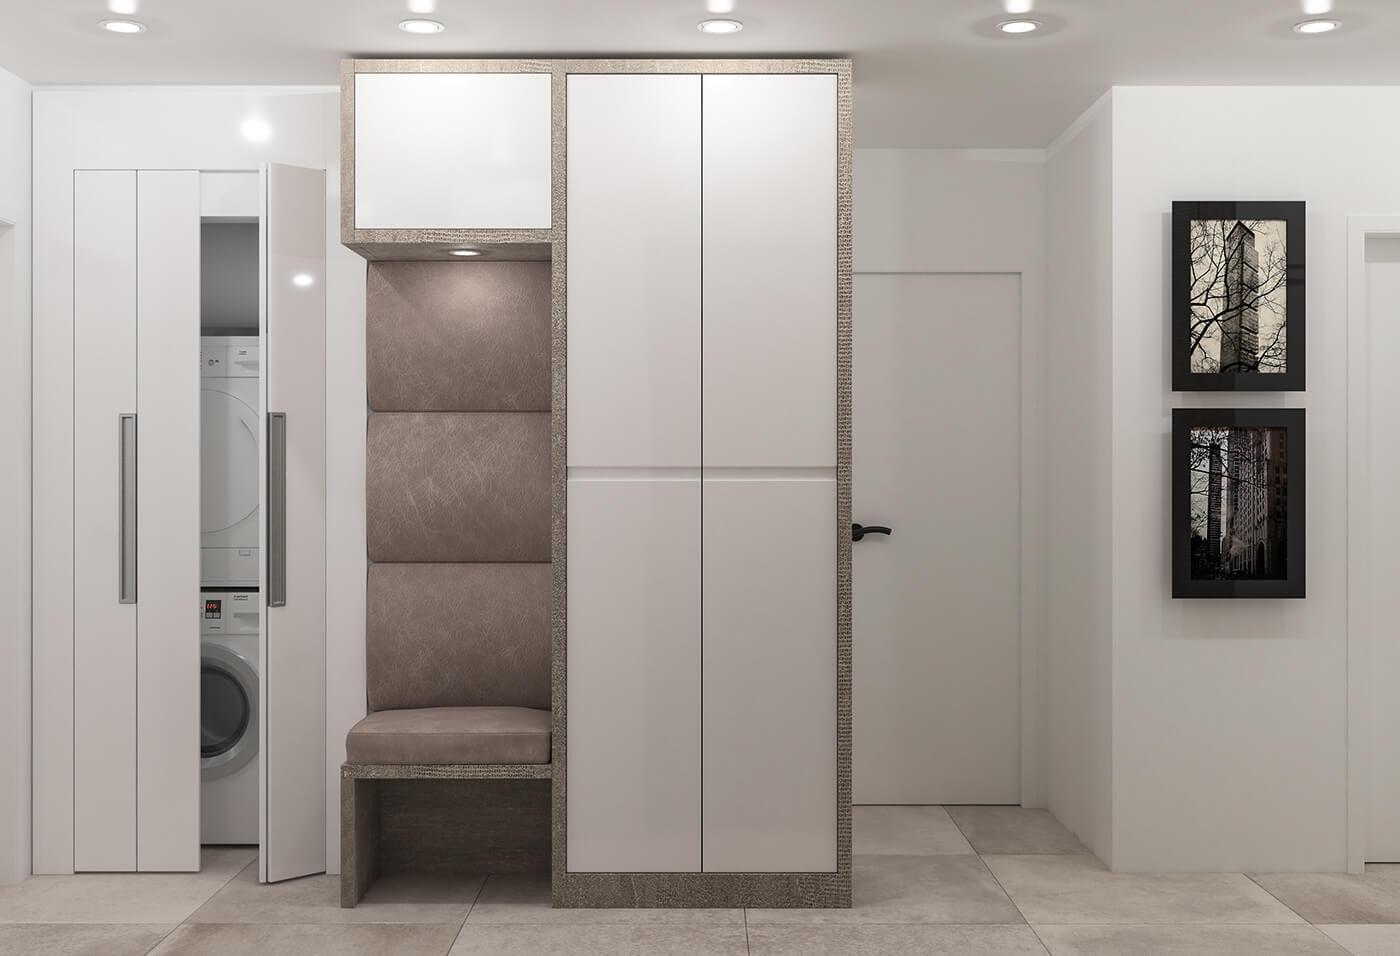 interioren-dizain-na-koridor-proekt-westin